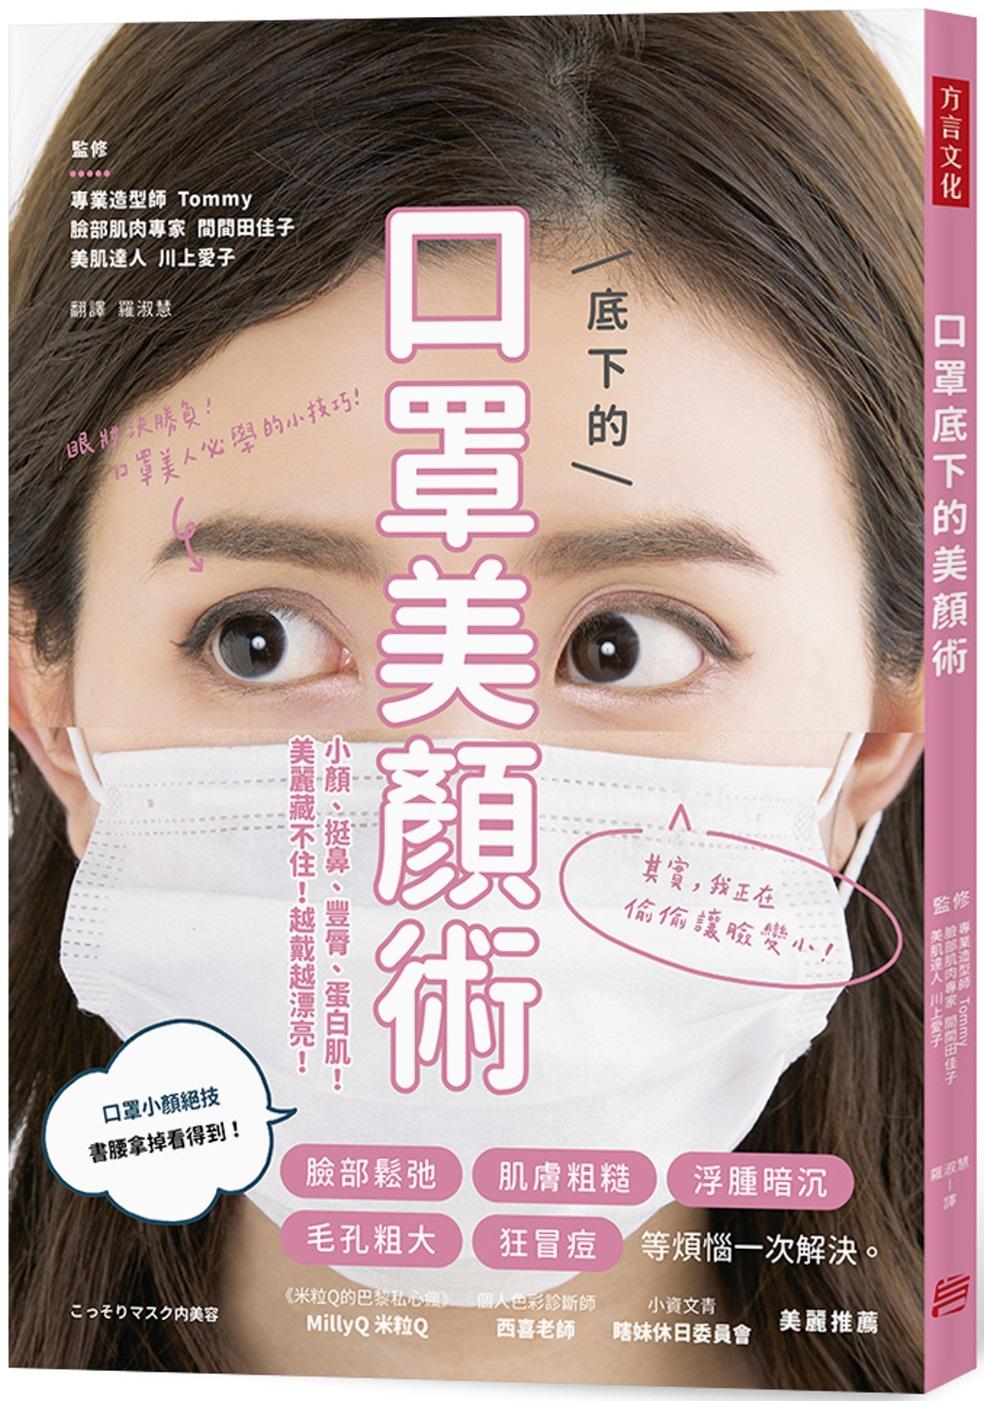 口罩底下的美顏術:小顏、挺鼻、豐脣、蛋白肌! 美麗藏不住!越戴越漂亮!